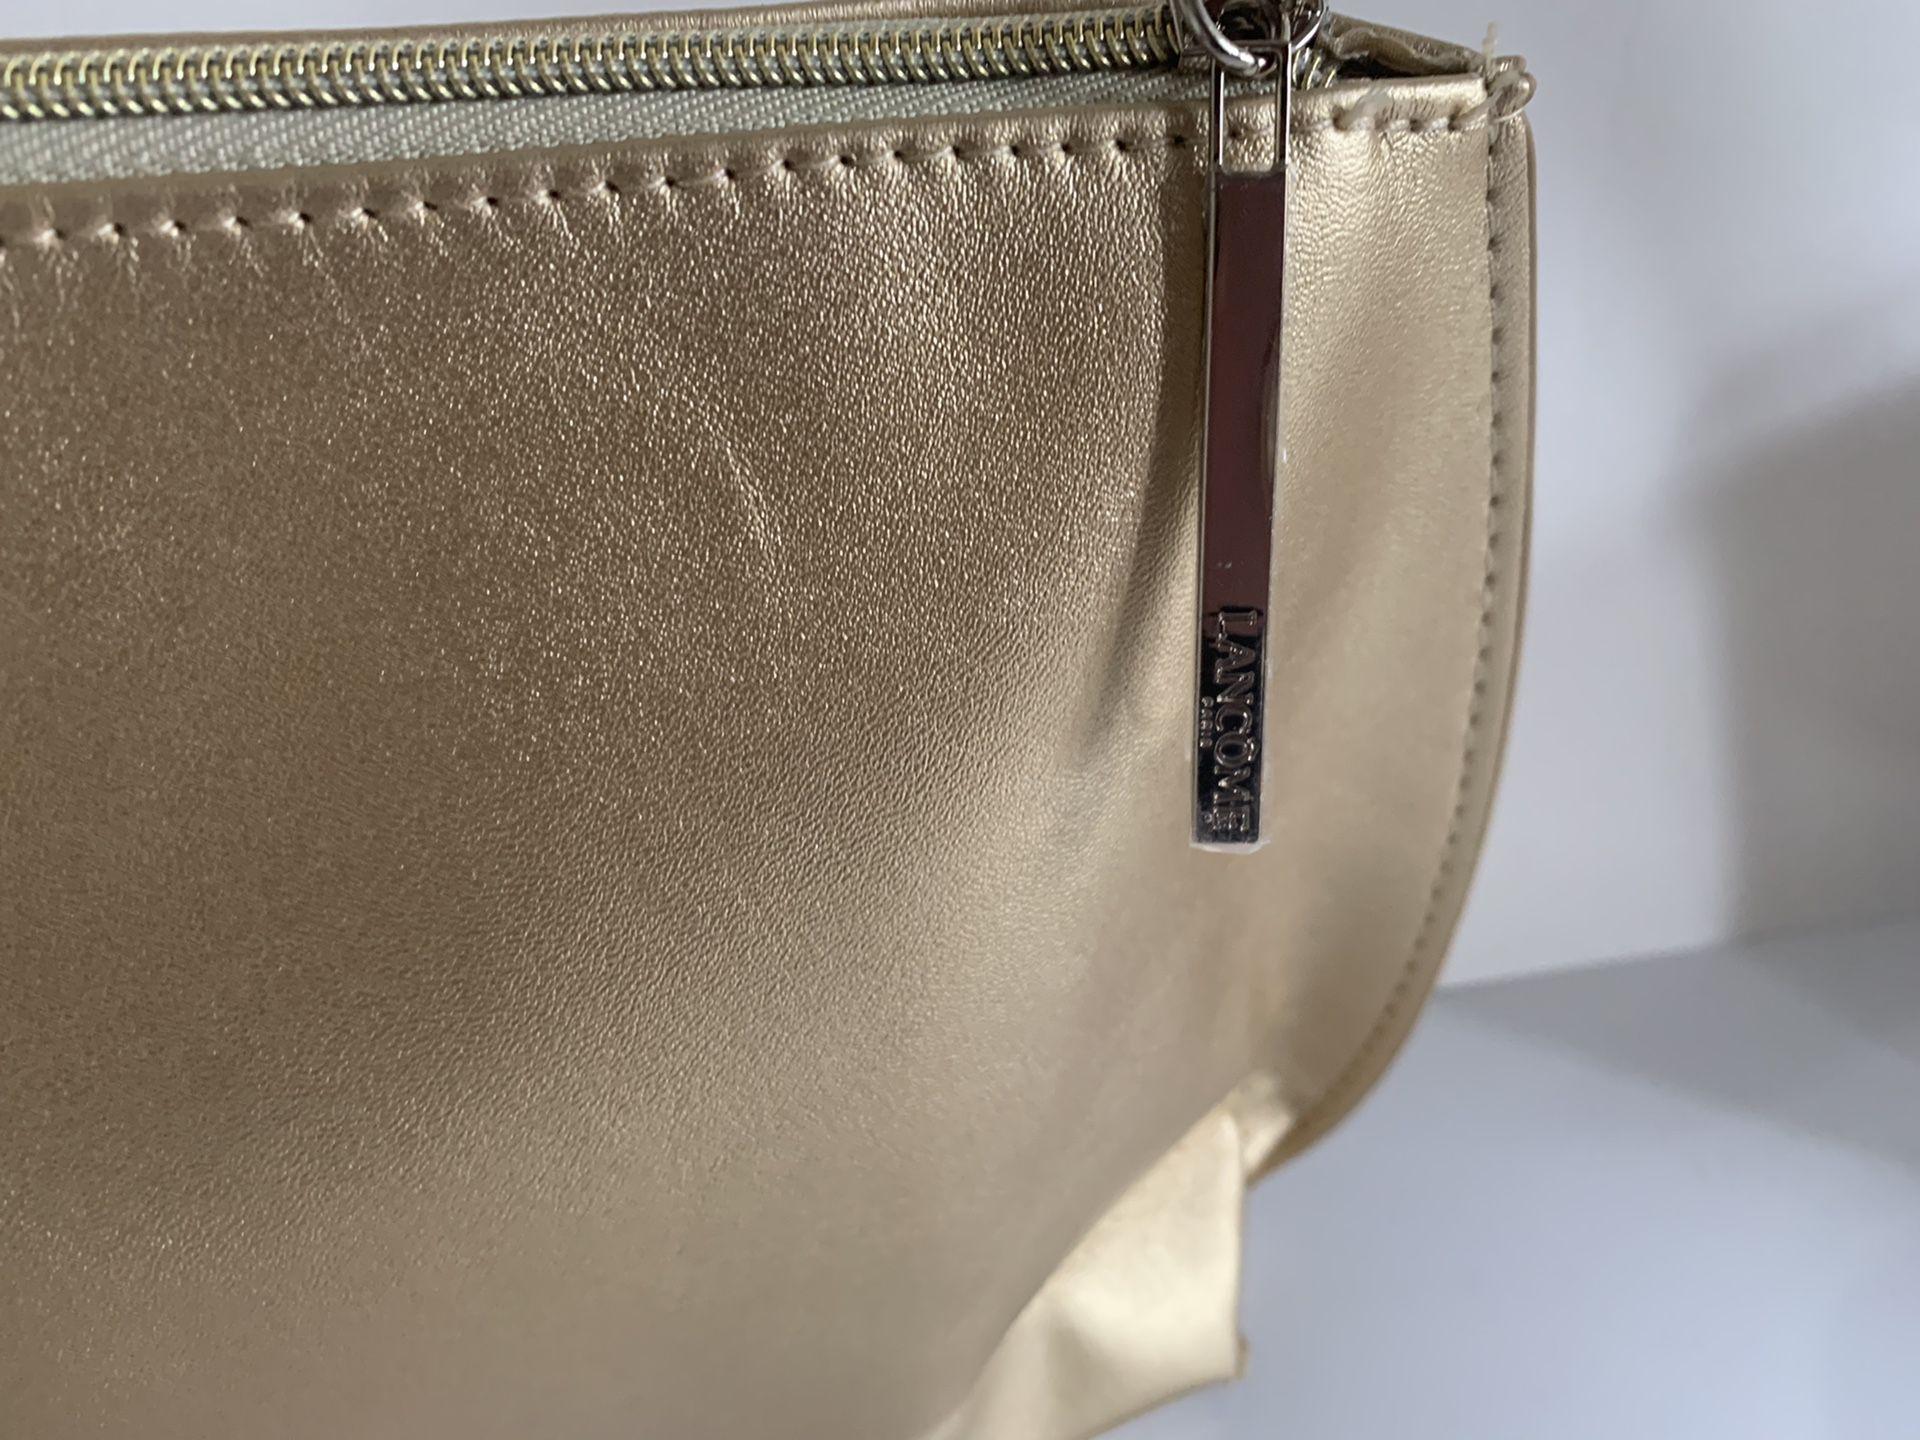 """Lancôme Paris gold color gorgeous cosmetic bag. 12""""X 6.5""""and 2.5"""""""